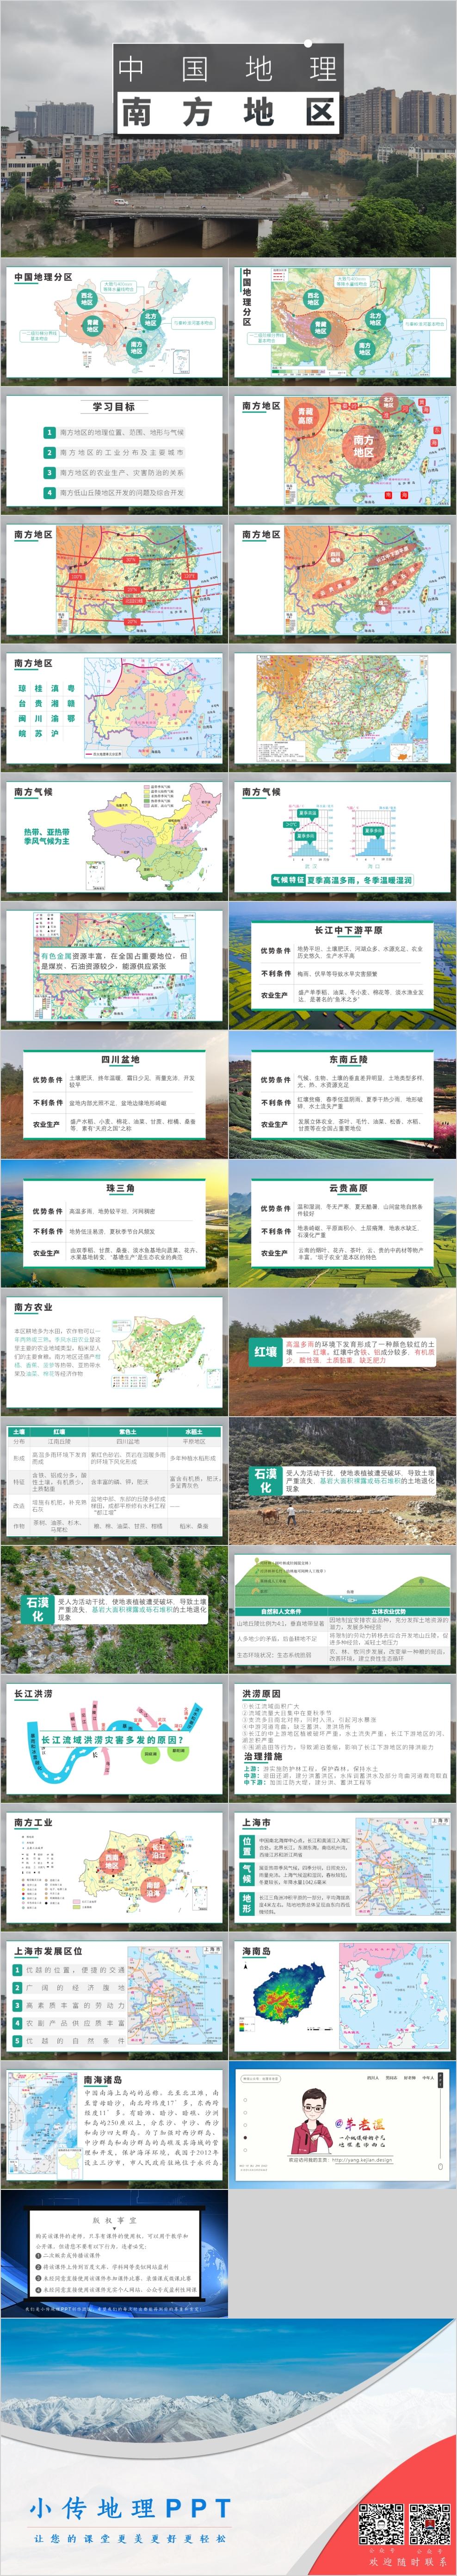 中国地理-南方地区.jpg